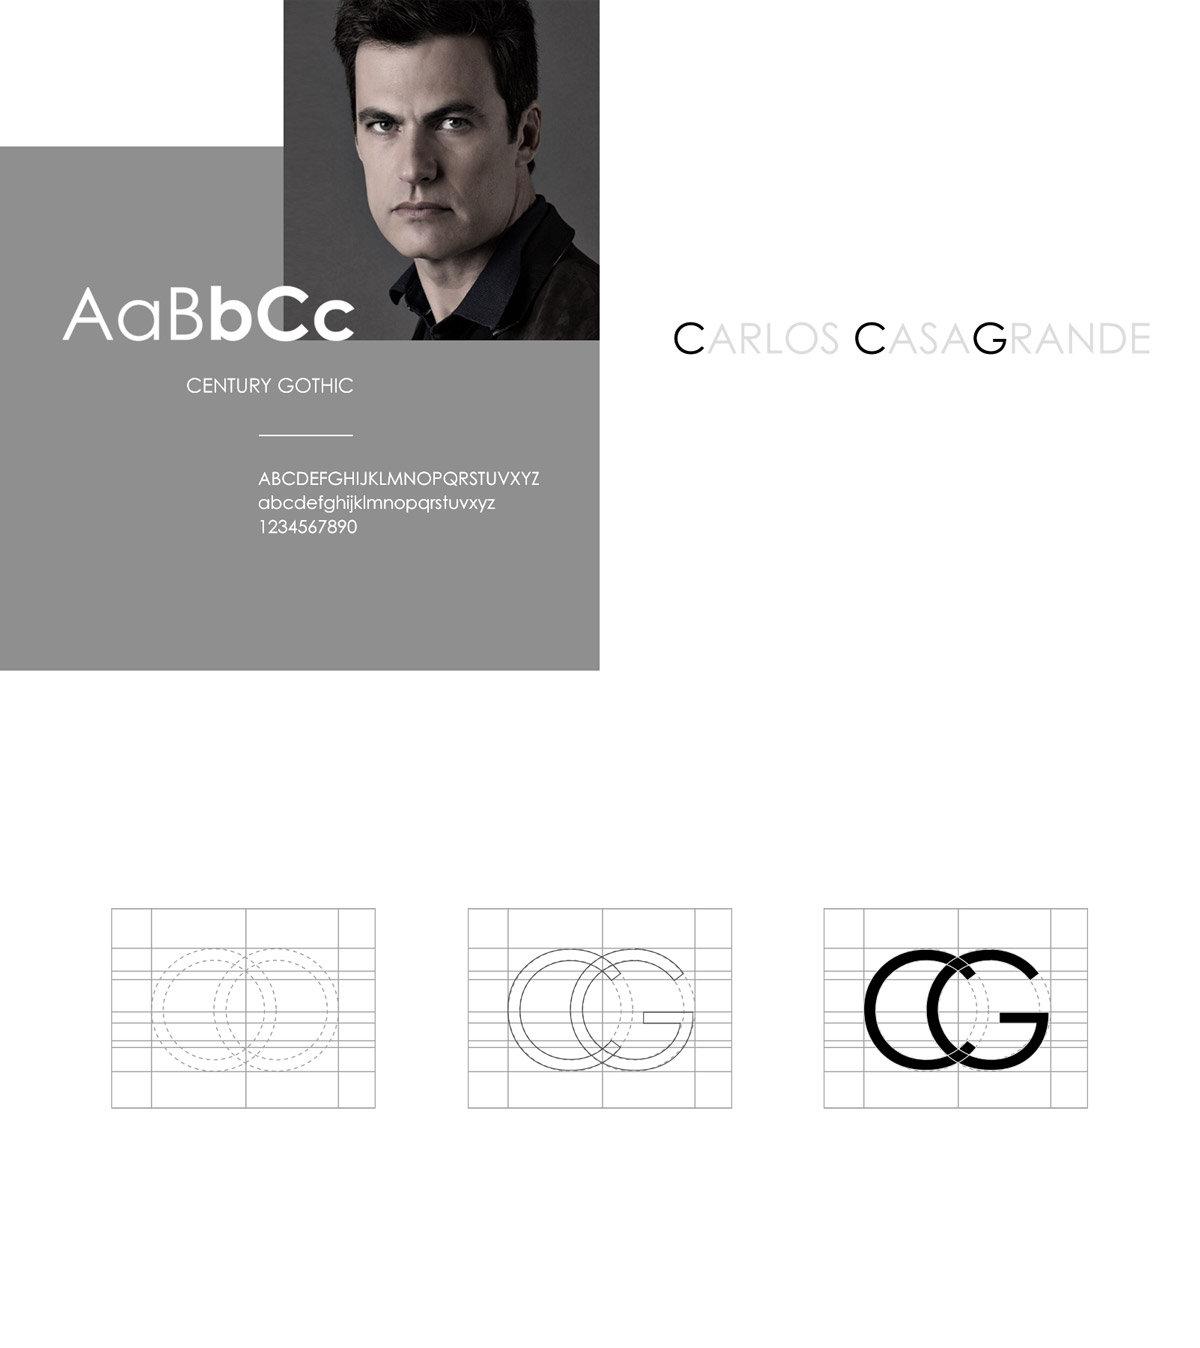 Carlos Casagrande conceito da marca